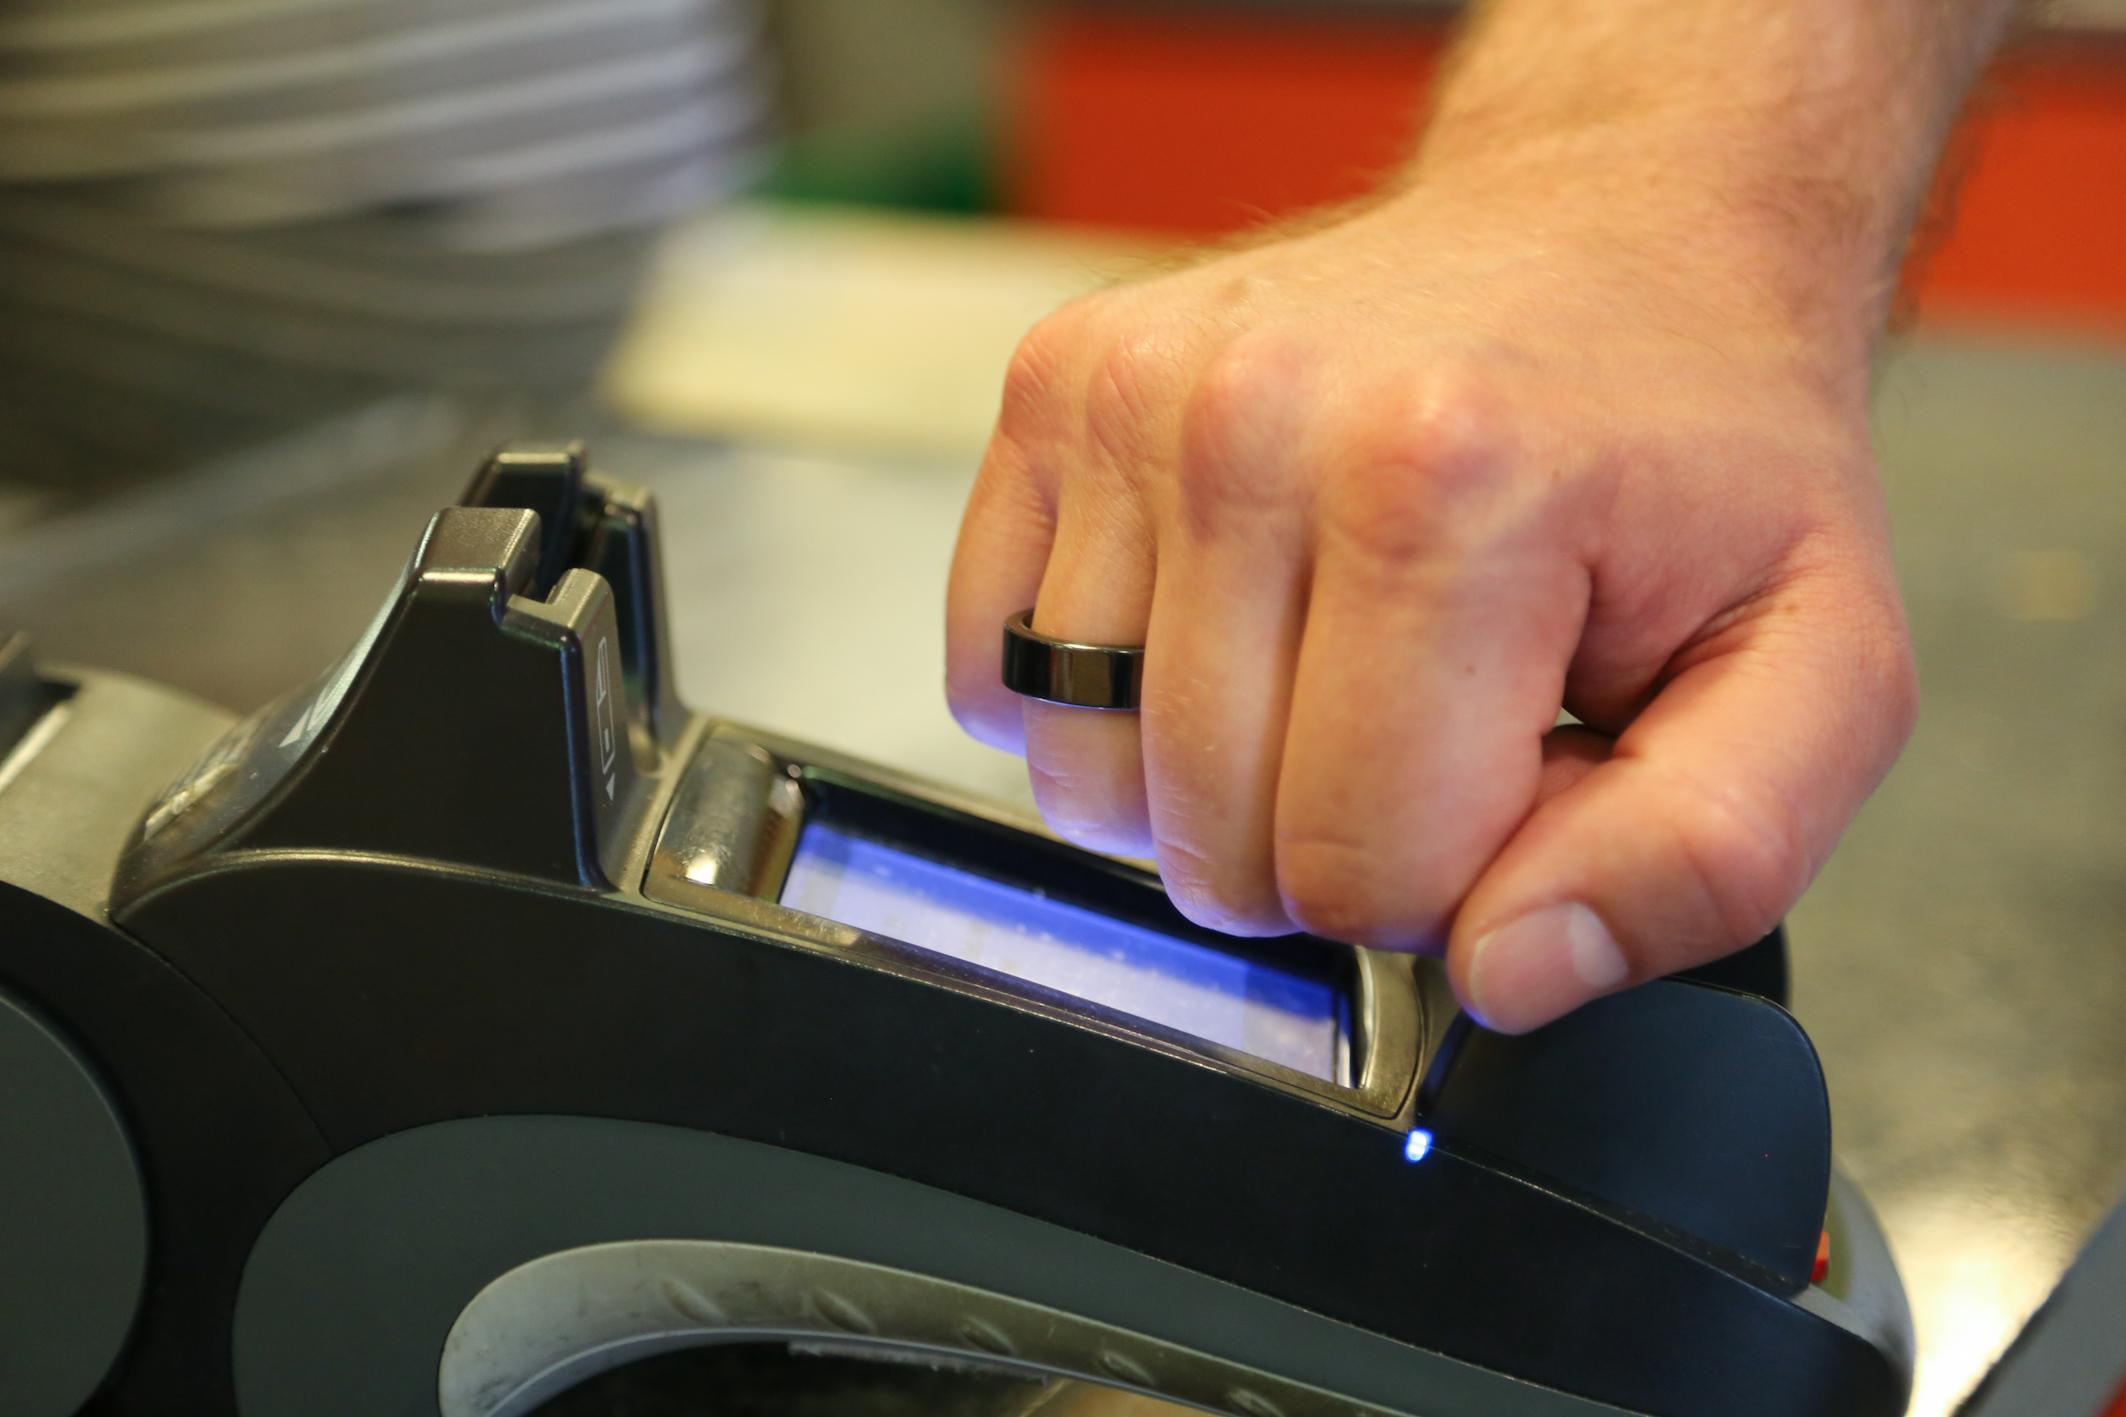 NFC-Bezahlring nutzt kontaktlosen Sicherheits-Chip von Infineon